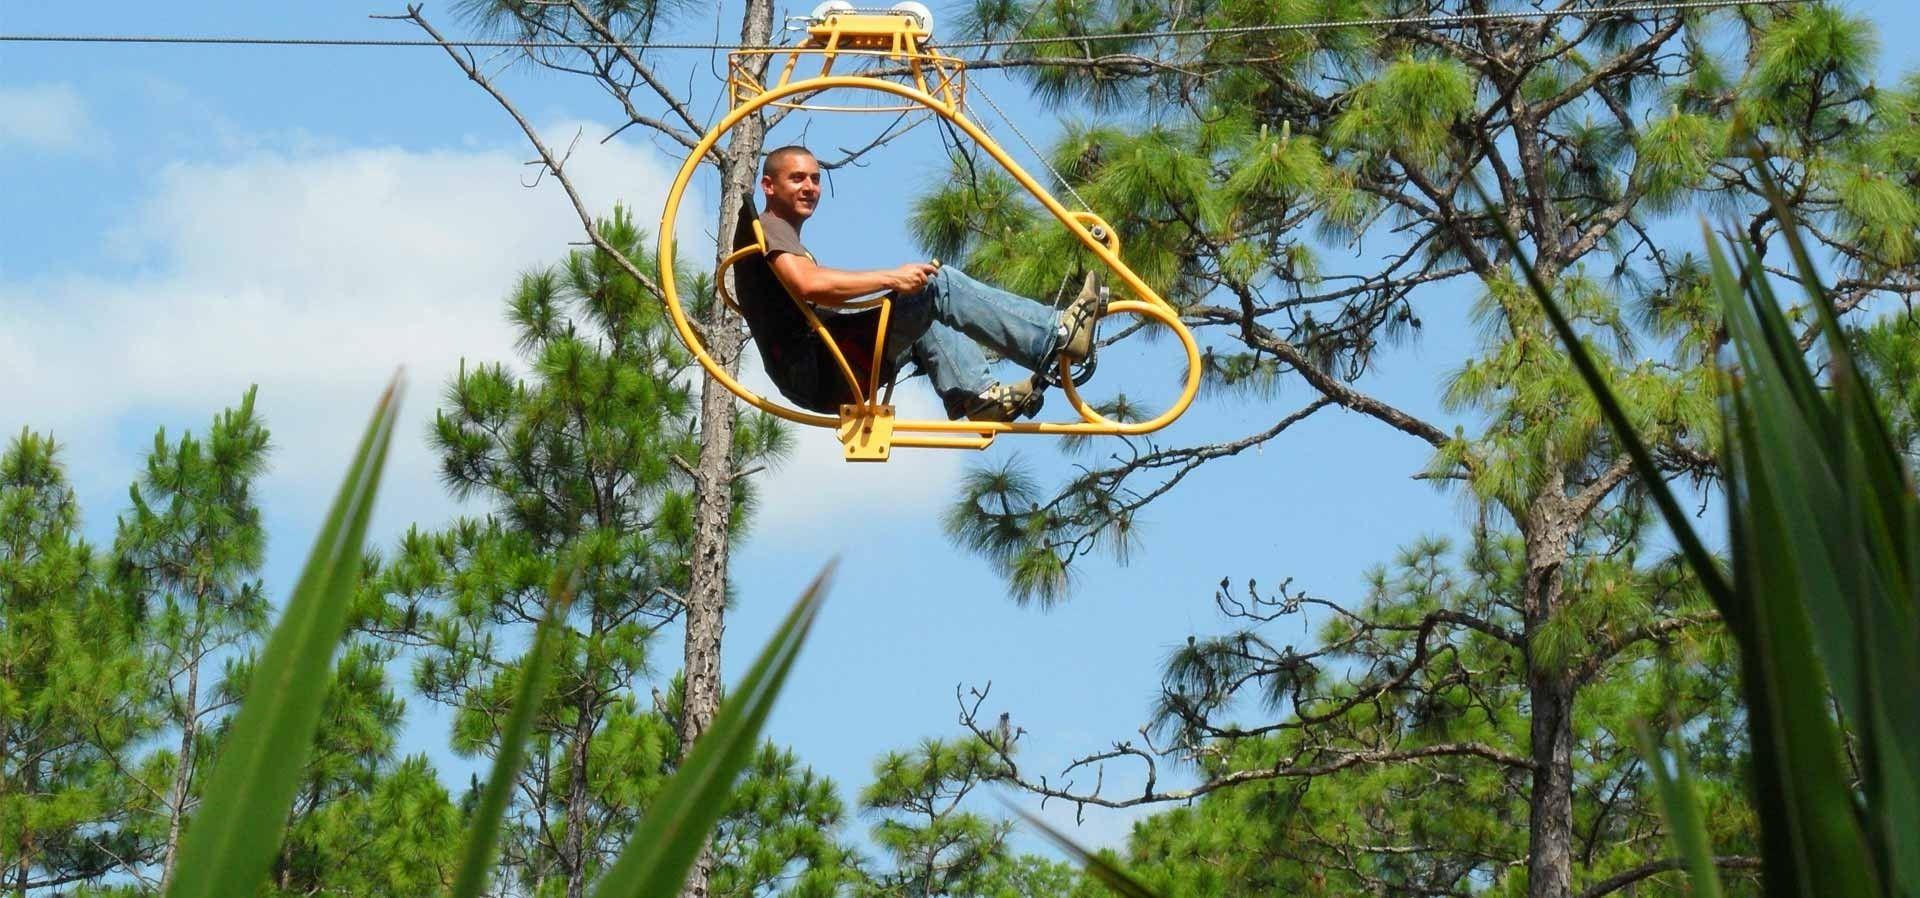 Cypress Canopy Cycle at Florida EcoSafaris at Forever Florida & Cypress Canopy Cycle at Florida EcoSafaris at Forever Florida ...